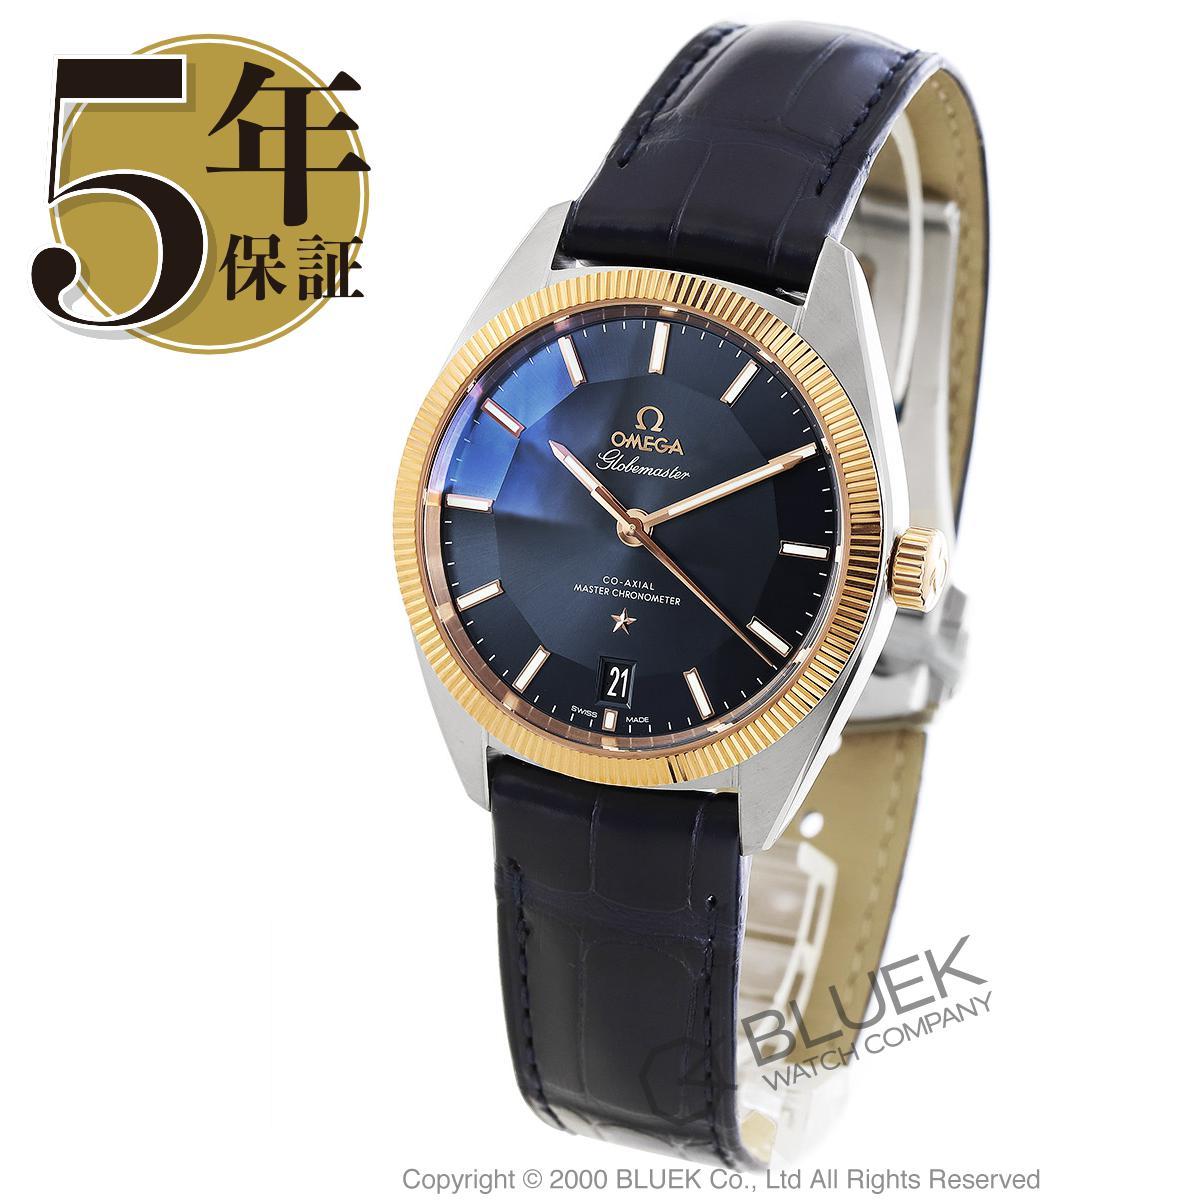 オメガ コンステレーション グローブマスター マスタークロノメーター アリゲーターレザー 腕時計 メンズ OMEGA 130.23.39.21.03.001_5